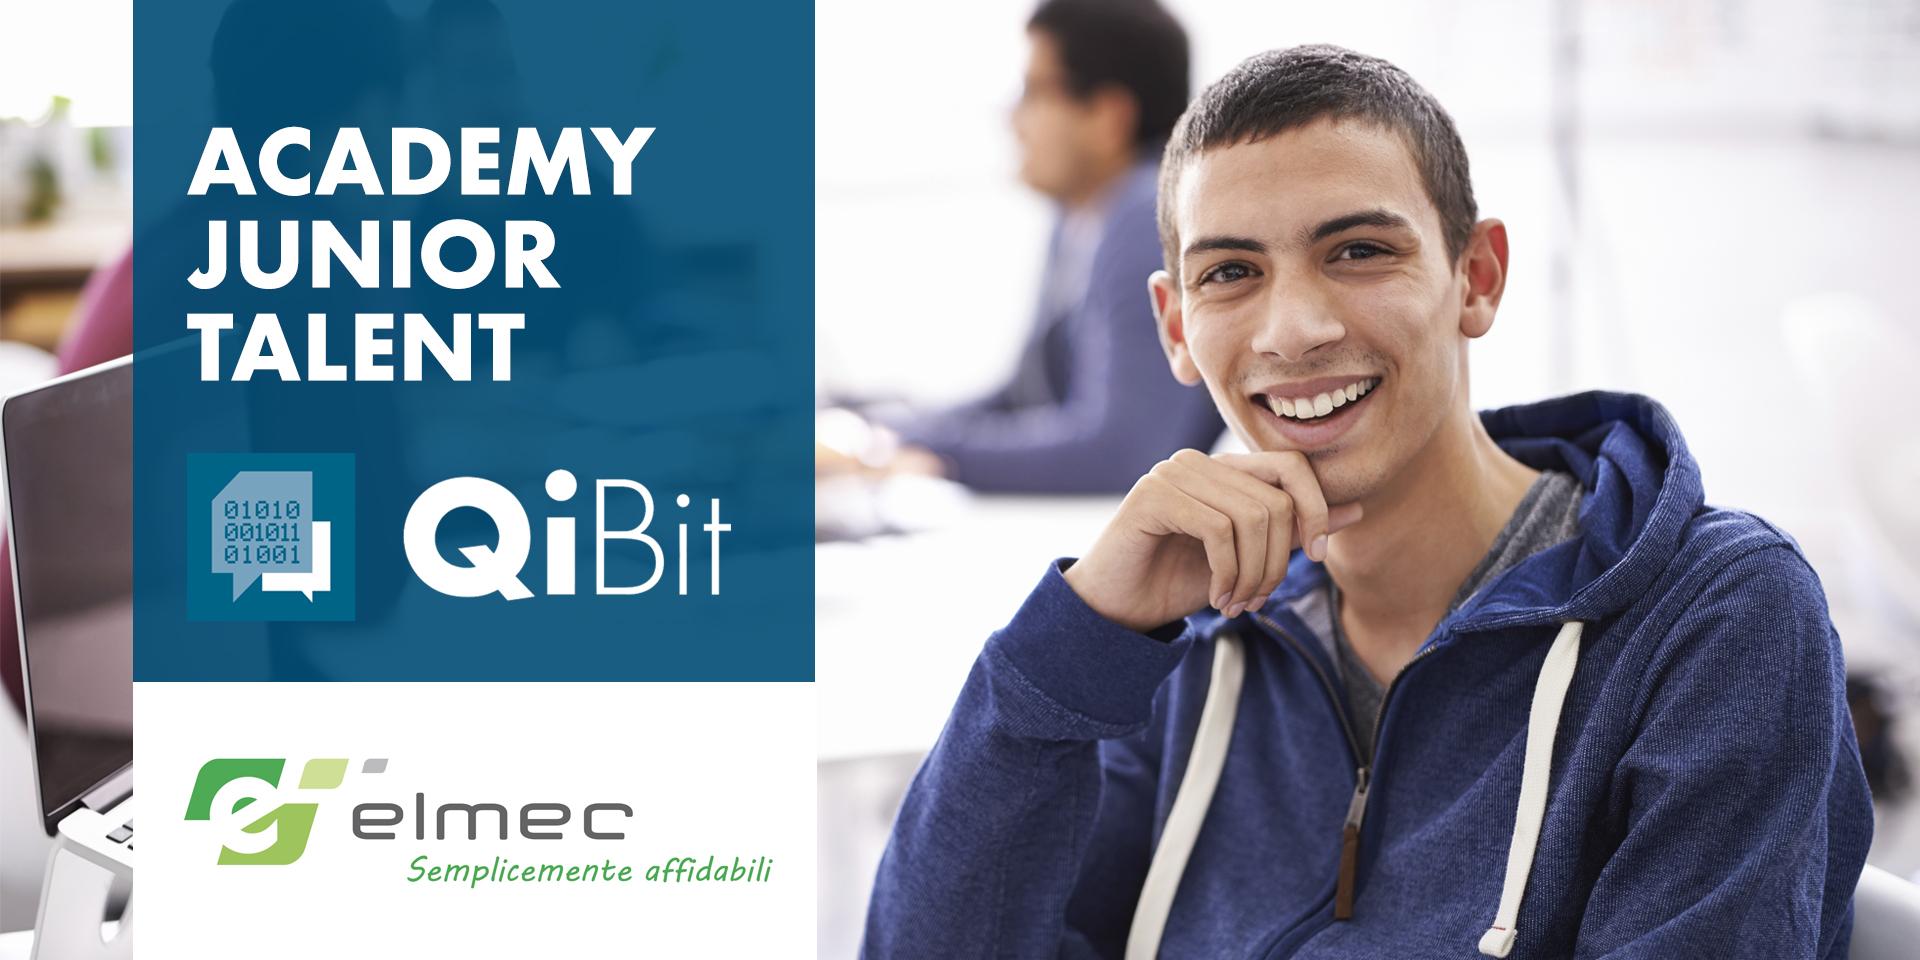 Cerchiamo neolaureati in Informatica per l'Academy Junior Talent OFFICE 365